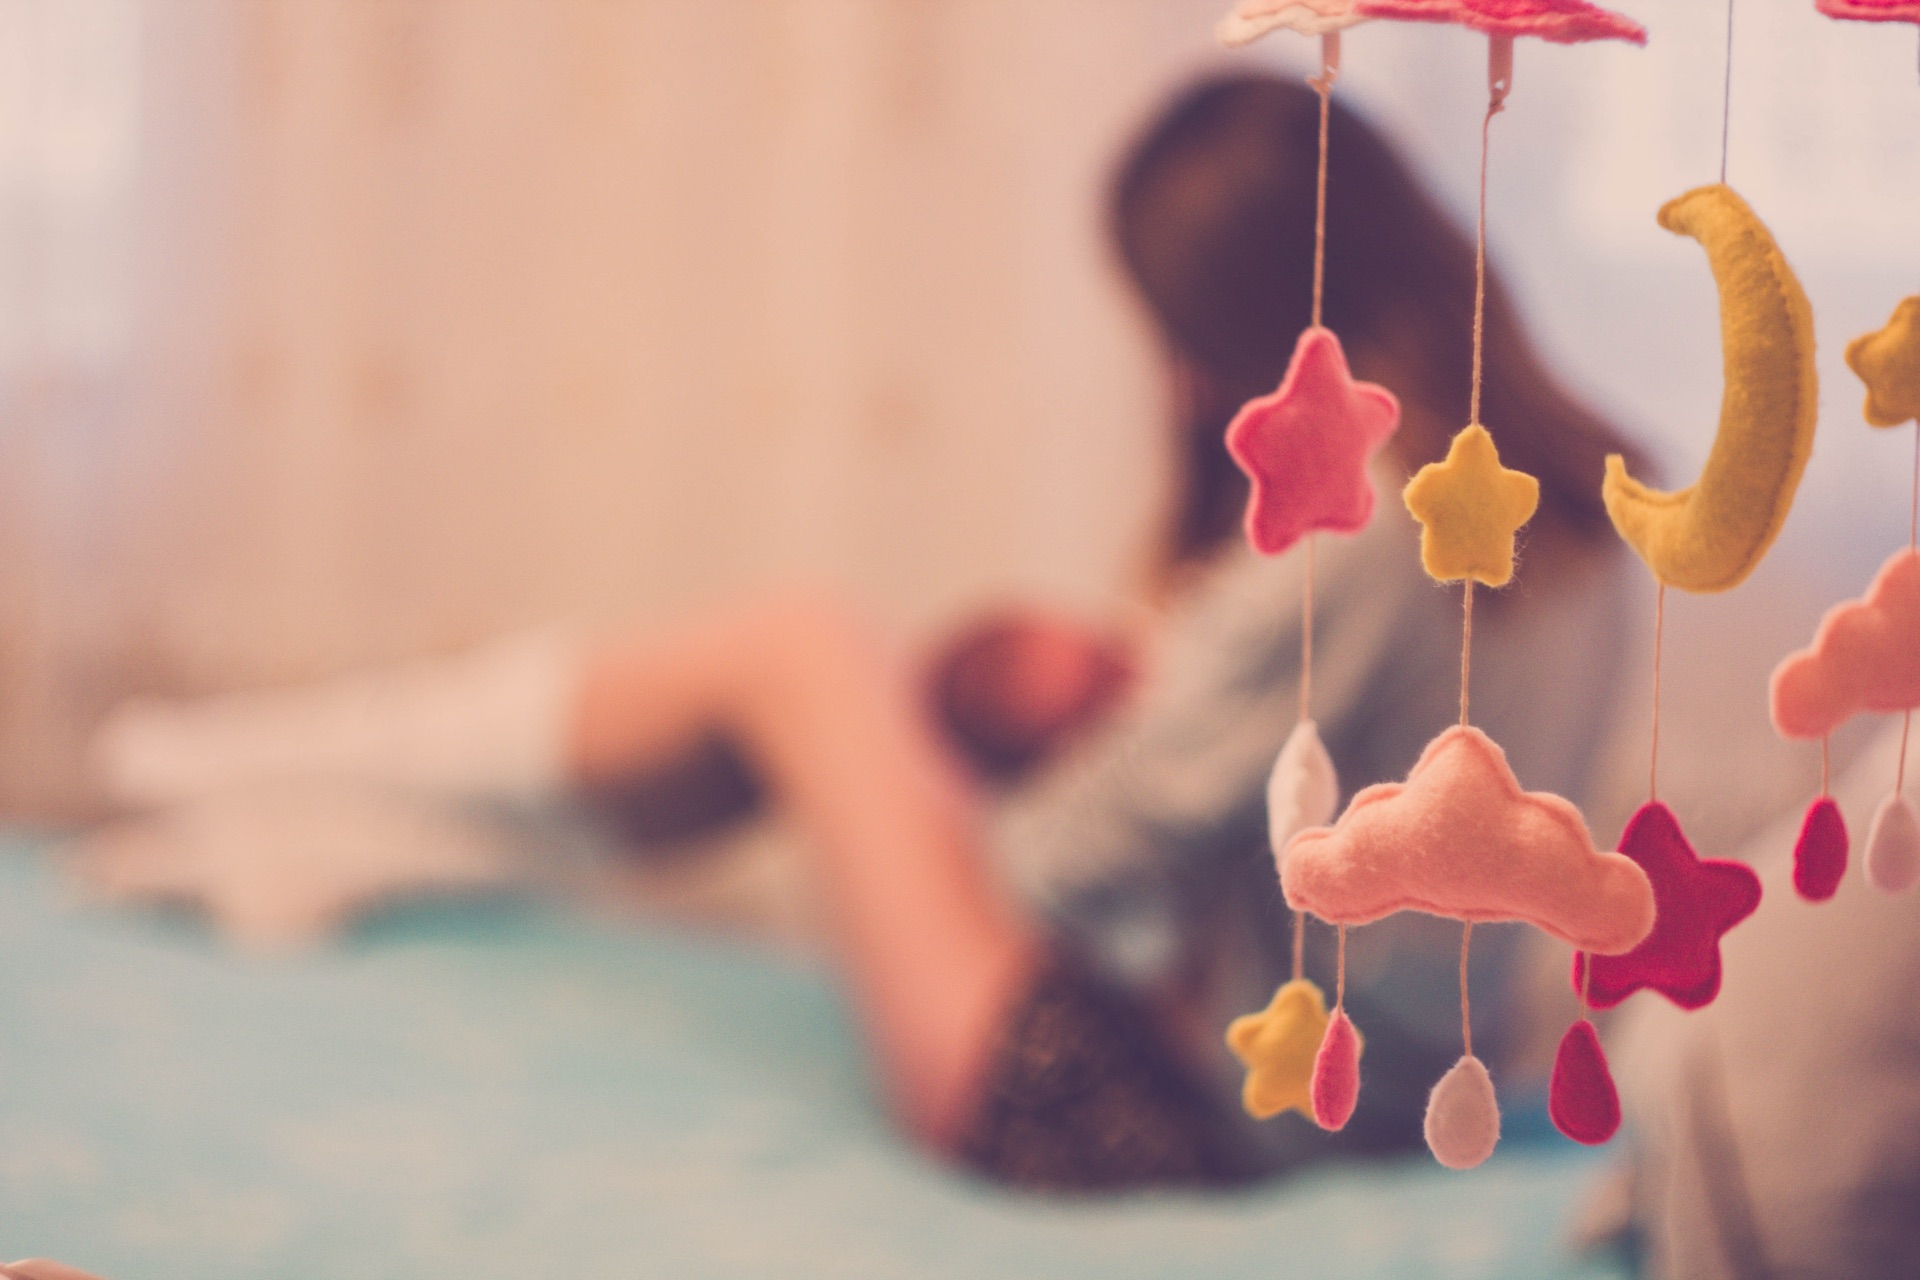 Следродилна депресия – какво трябва да знаем?